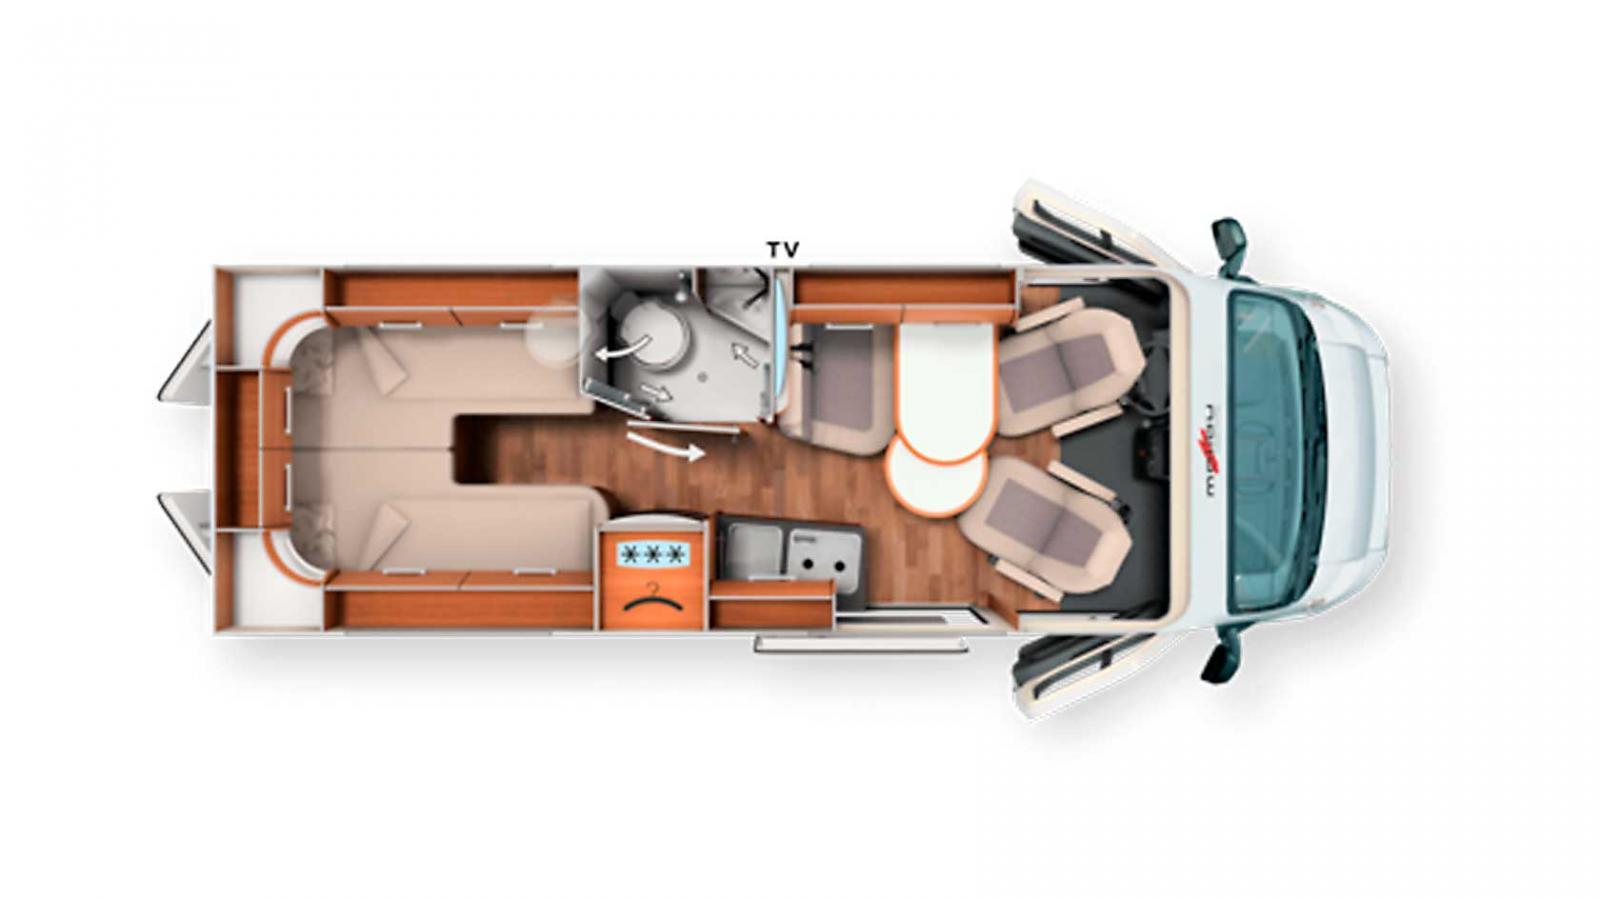 Stora 640 har långbäddar. Annars är den likadan som 600. Lastlängd, förvaring och vikt skiljer.